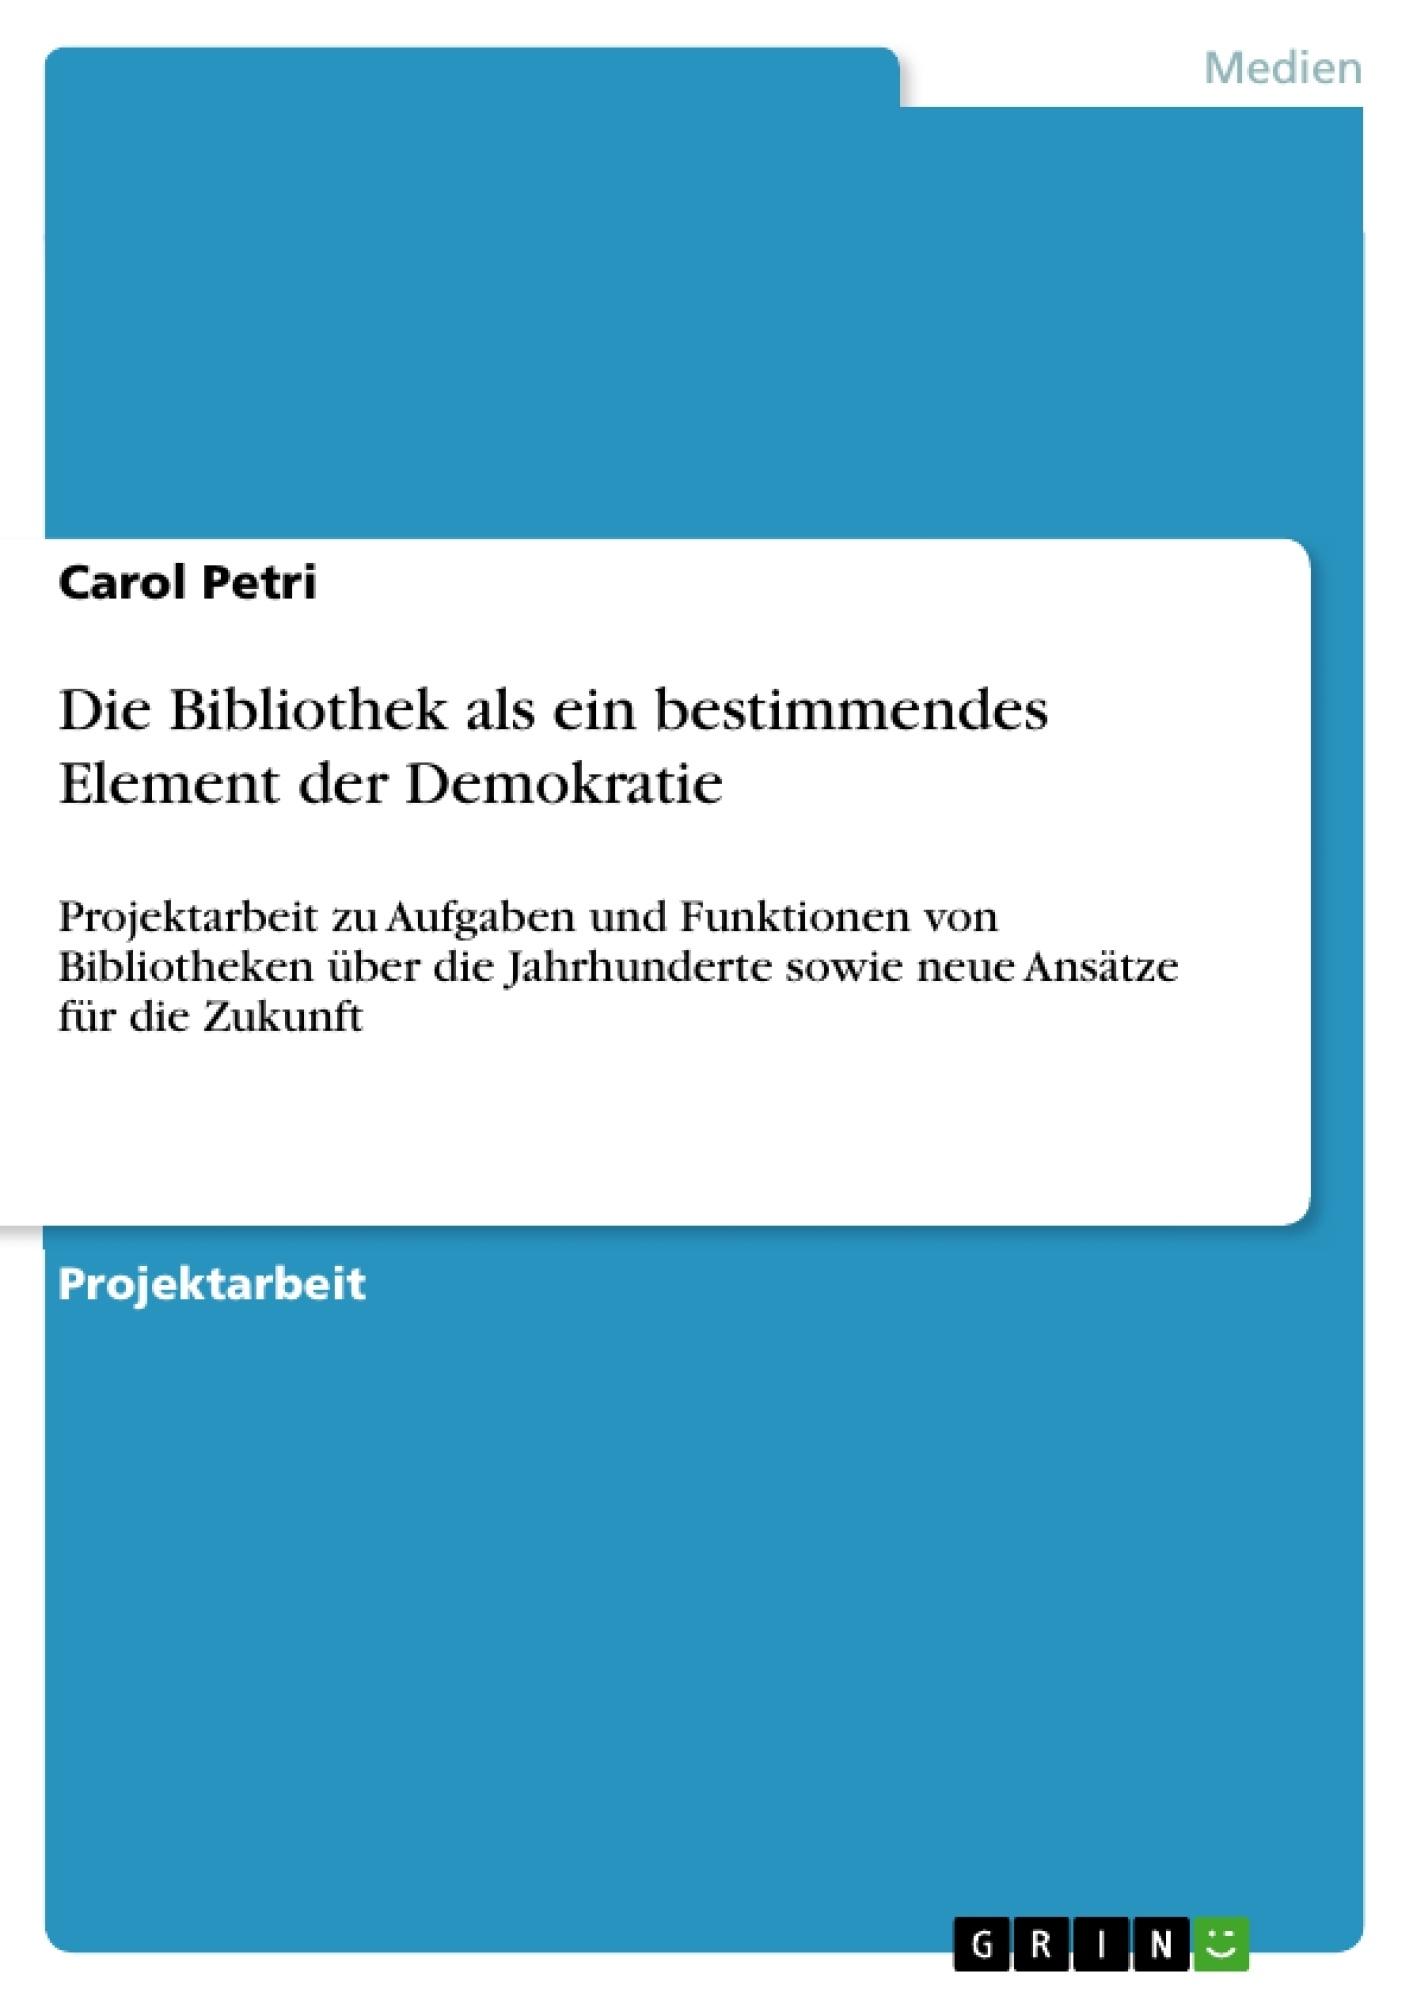 Titel: Die Bibliothek als ein bestimmendes Element der Demokratie